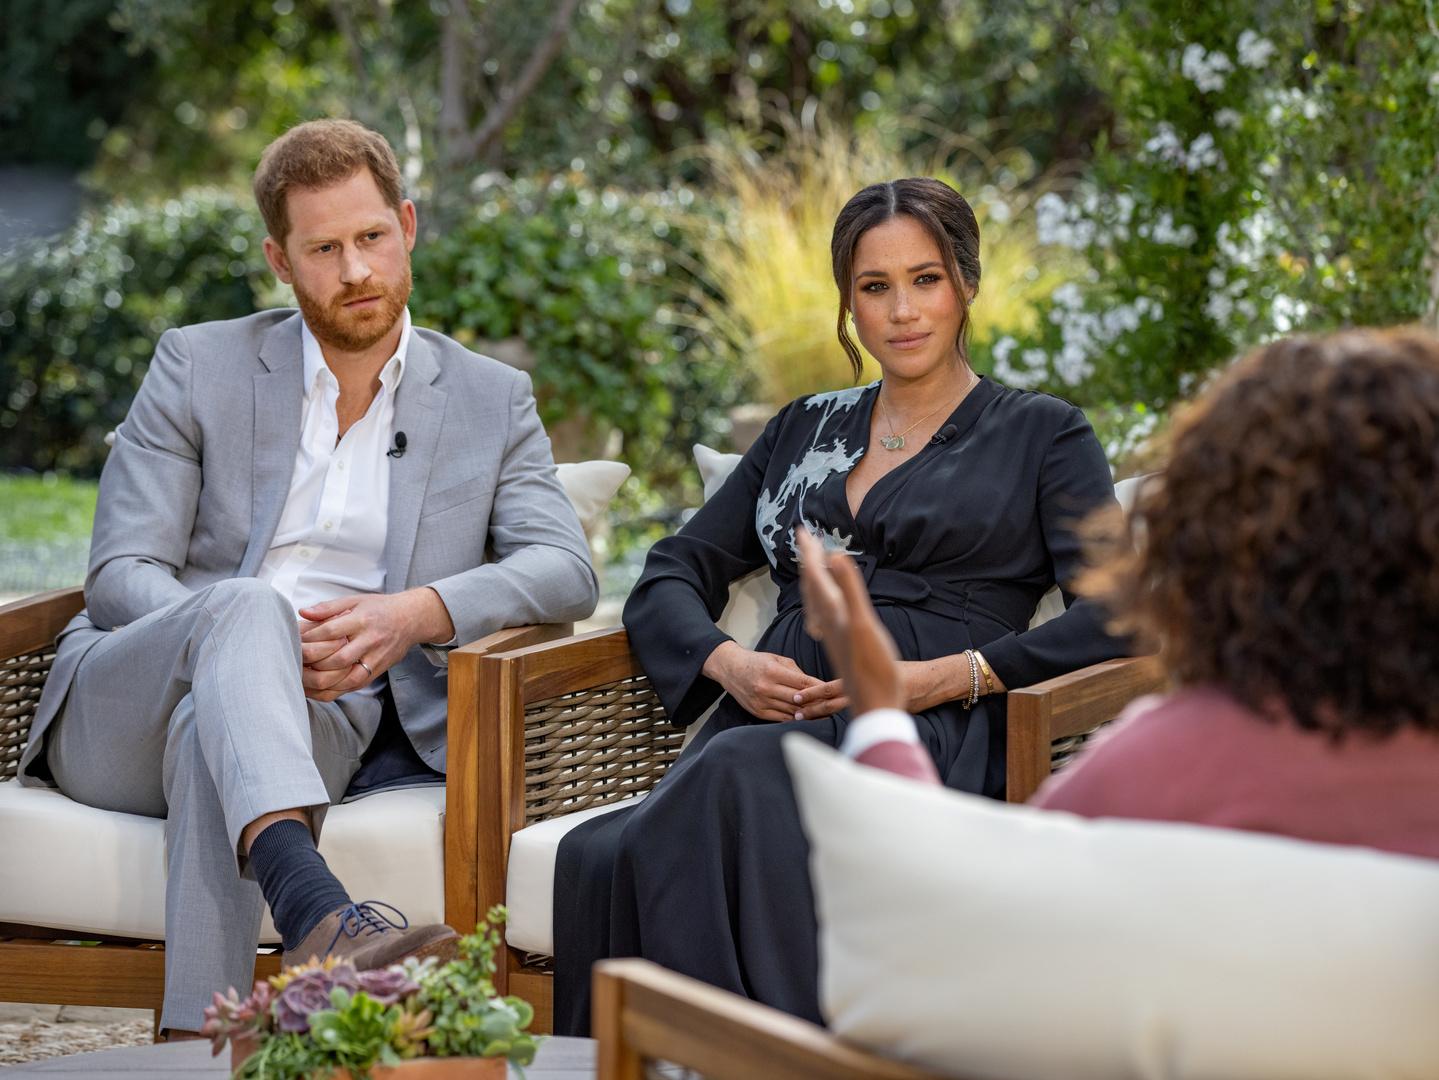 الأمير هاري وزوجته ميغان ماركل خلال مقابلتهما الأخيرة مع أوبرا وينفري